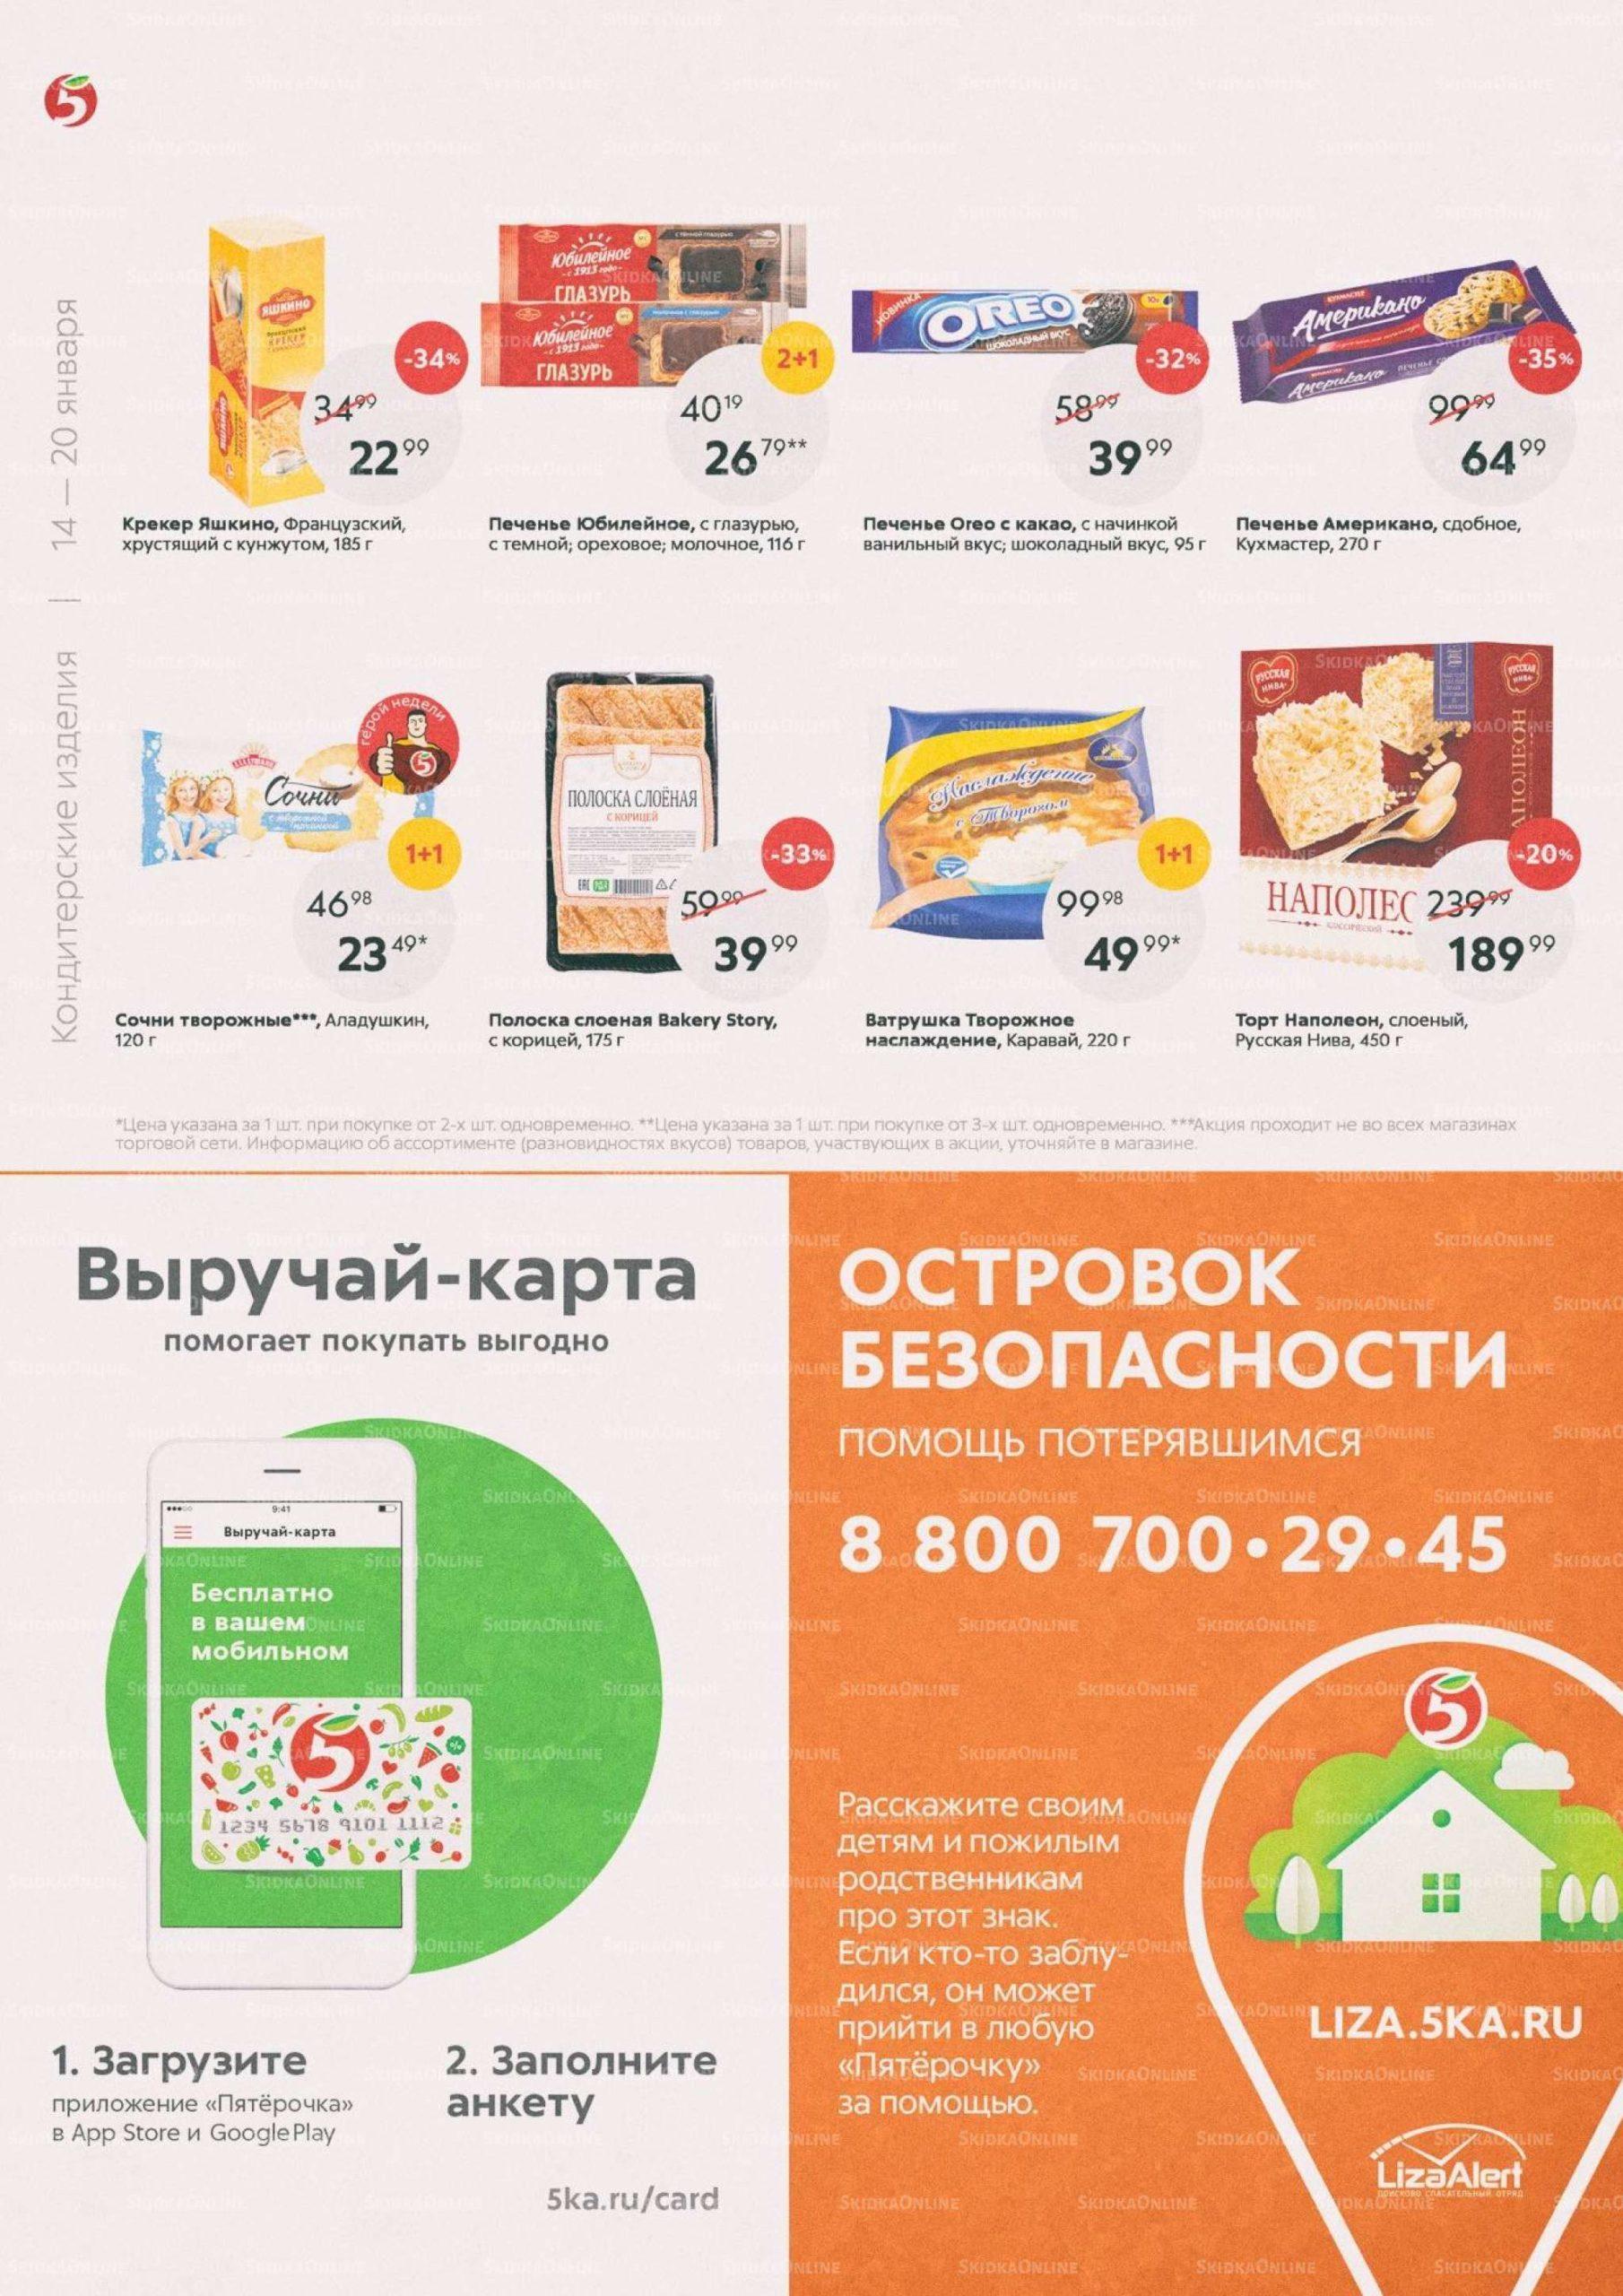 Акции в Пятёрочке с 14 по 20 января 2020 года